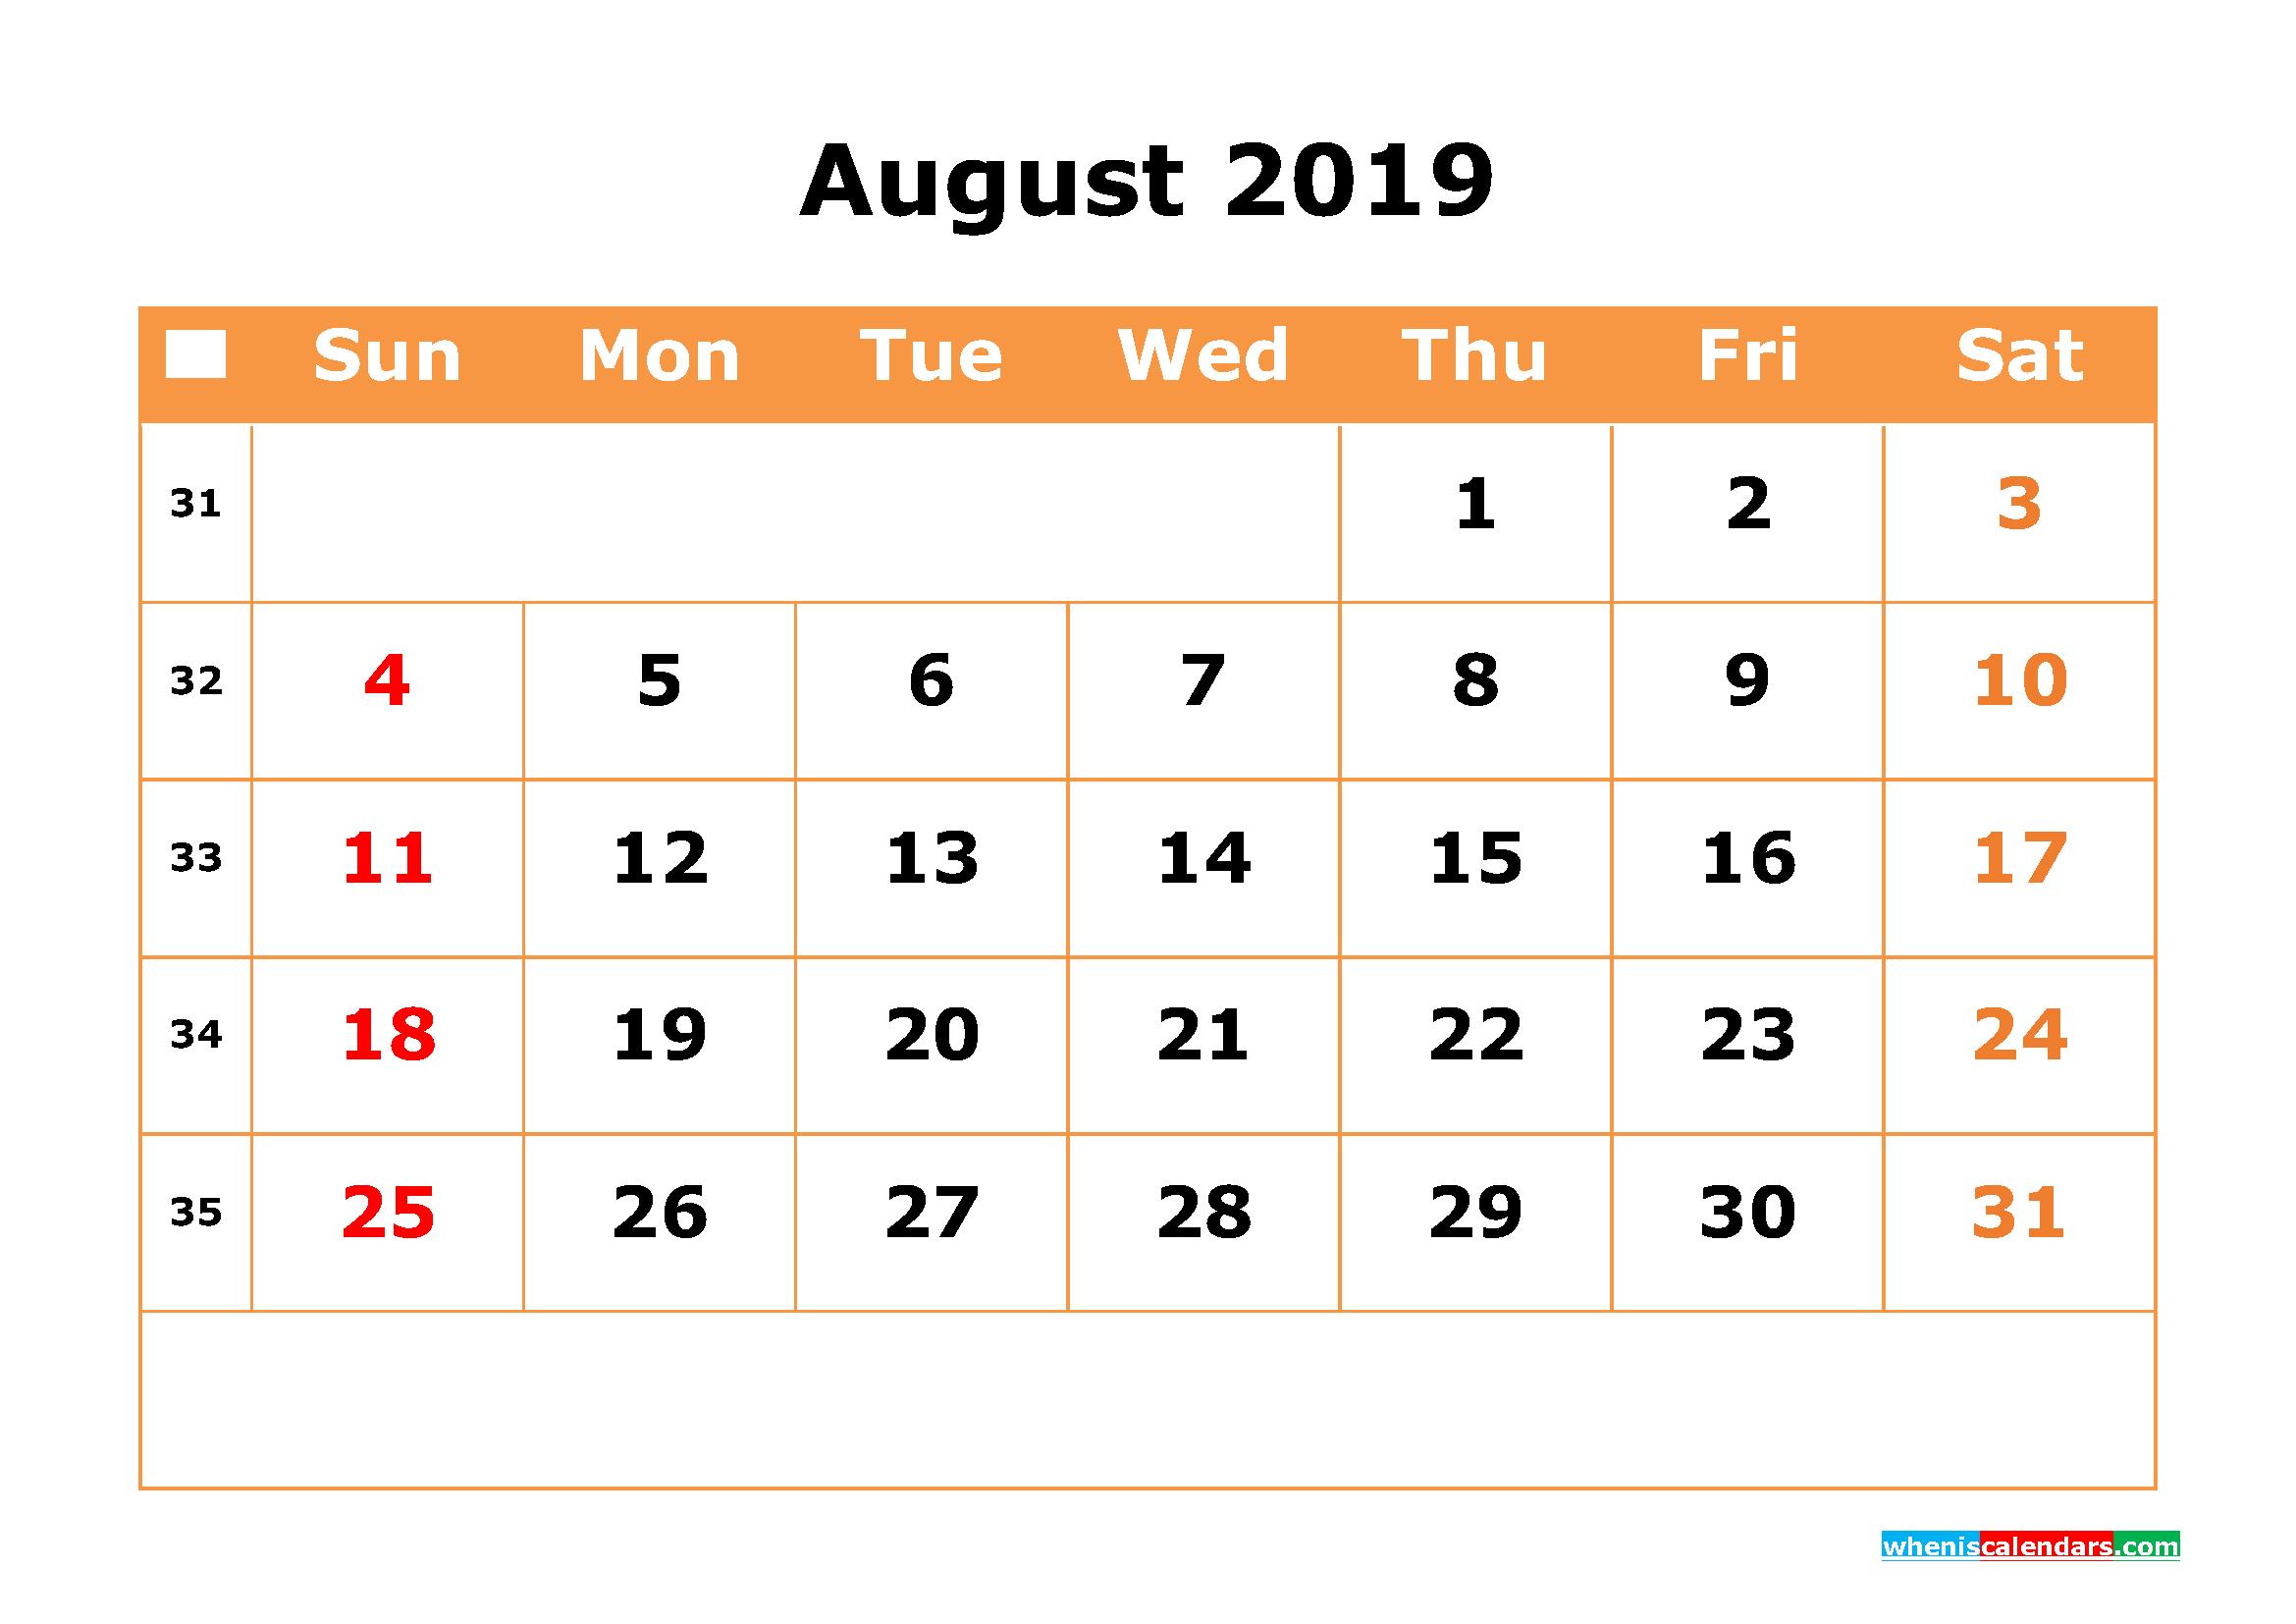 August 2019 Calendar with Week Numbers Printable